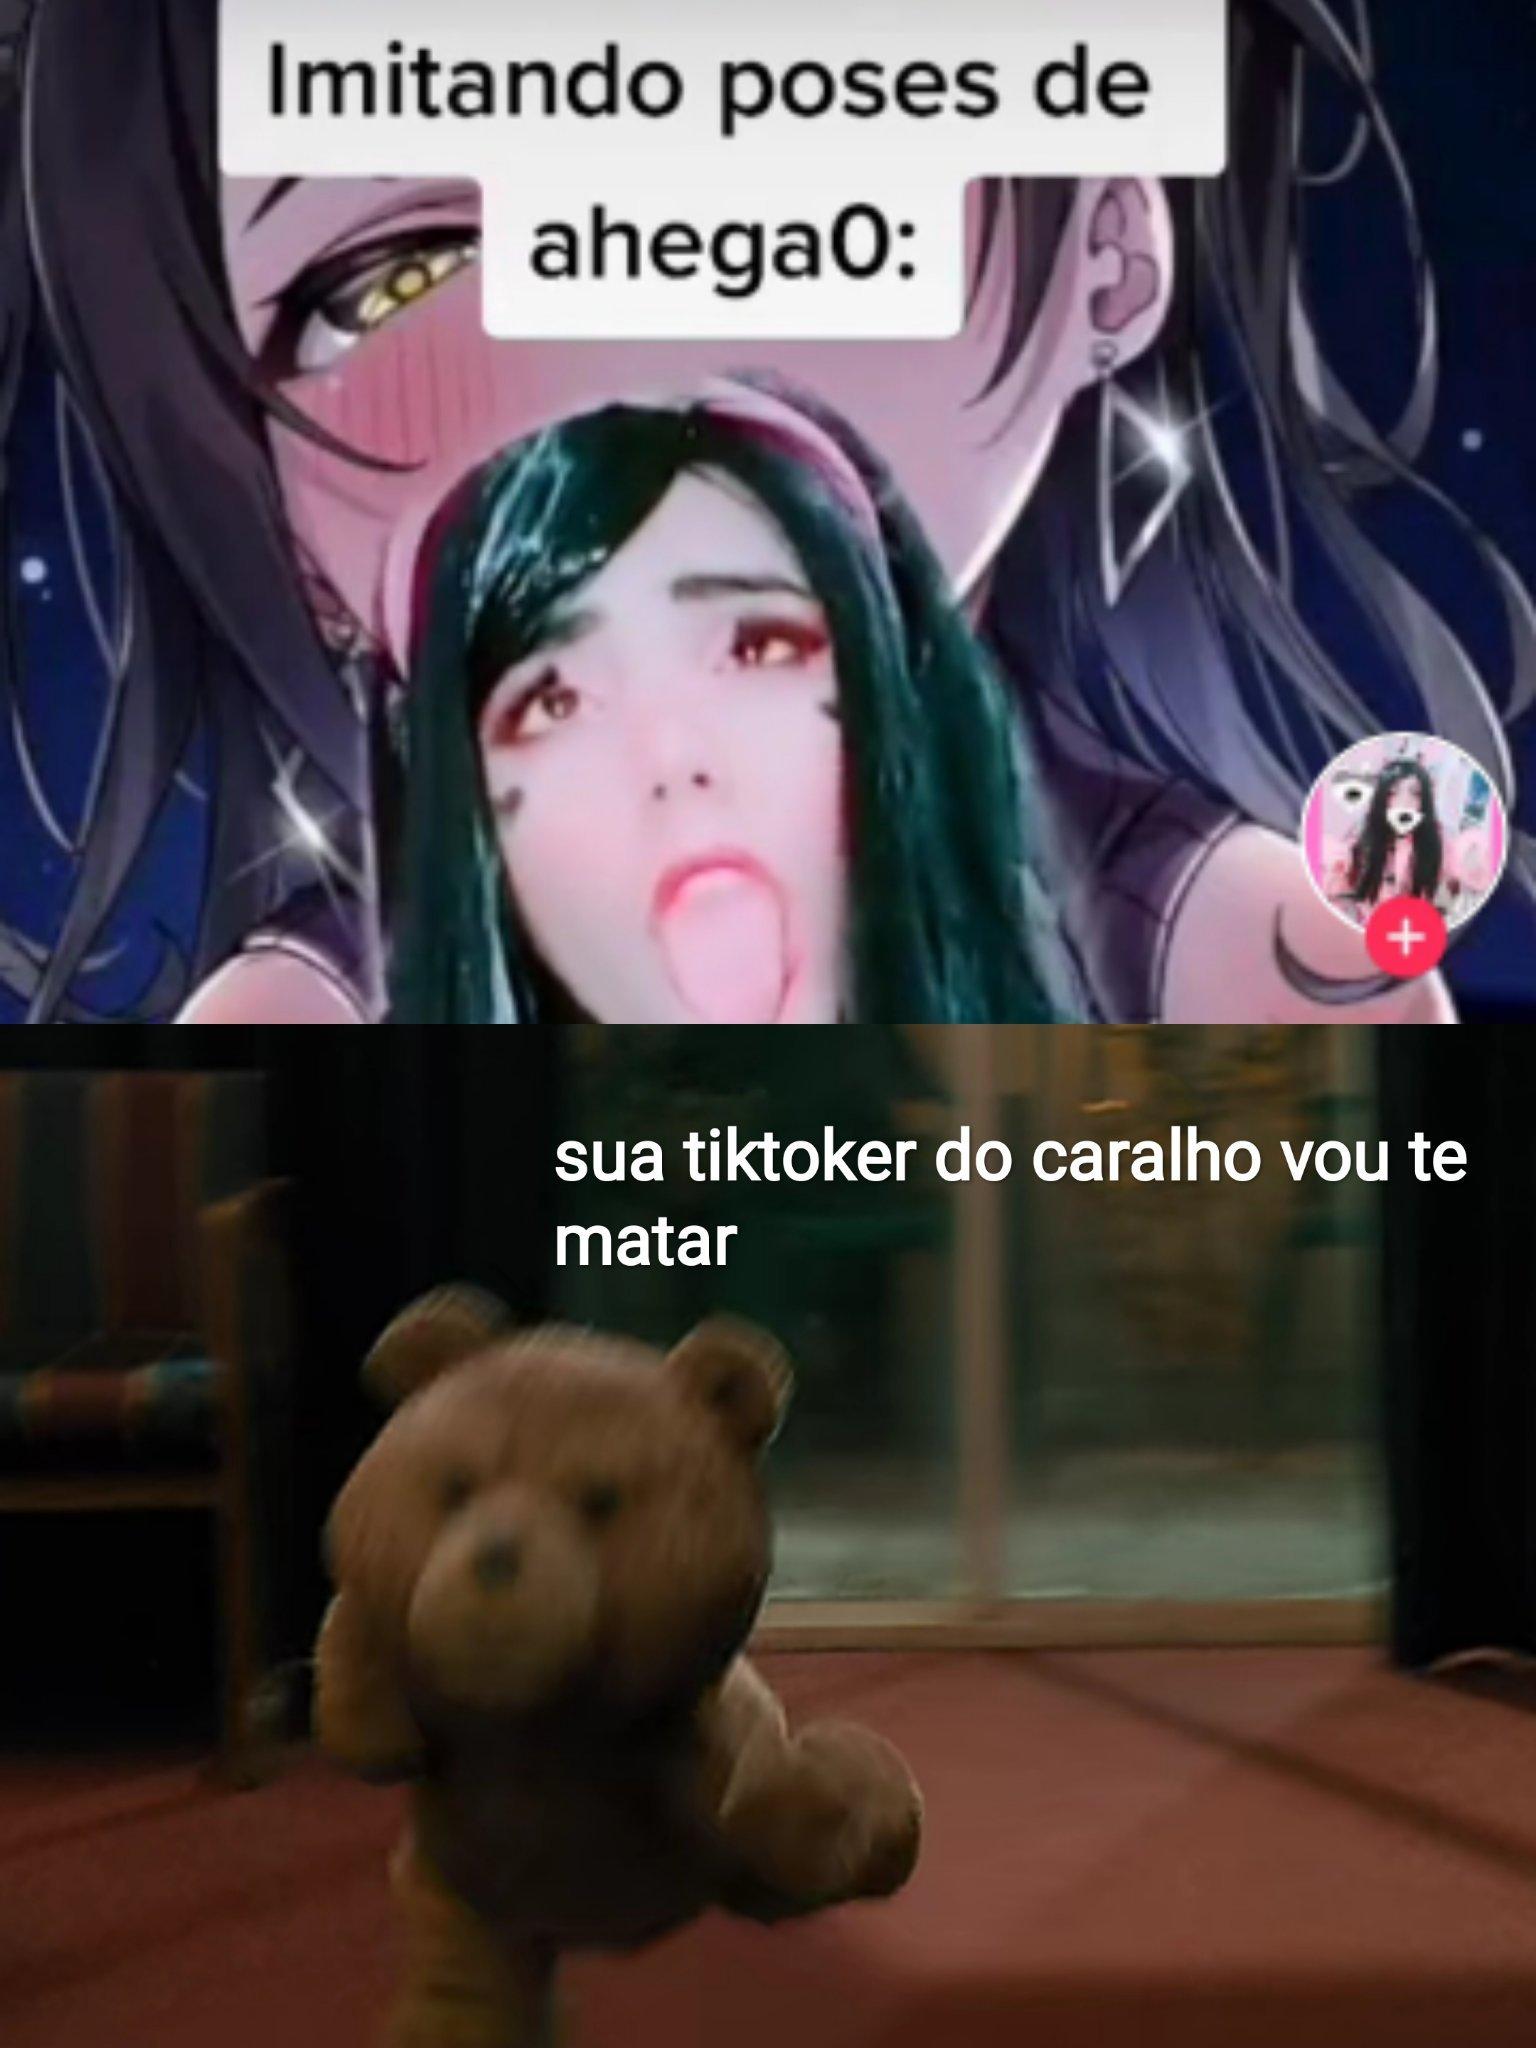 O nome dessa vadia é tihakemi - meme